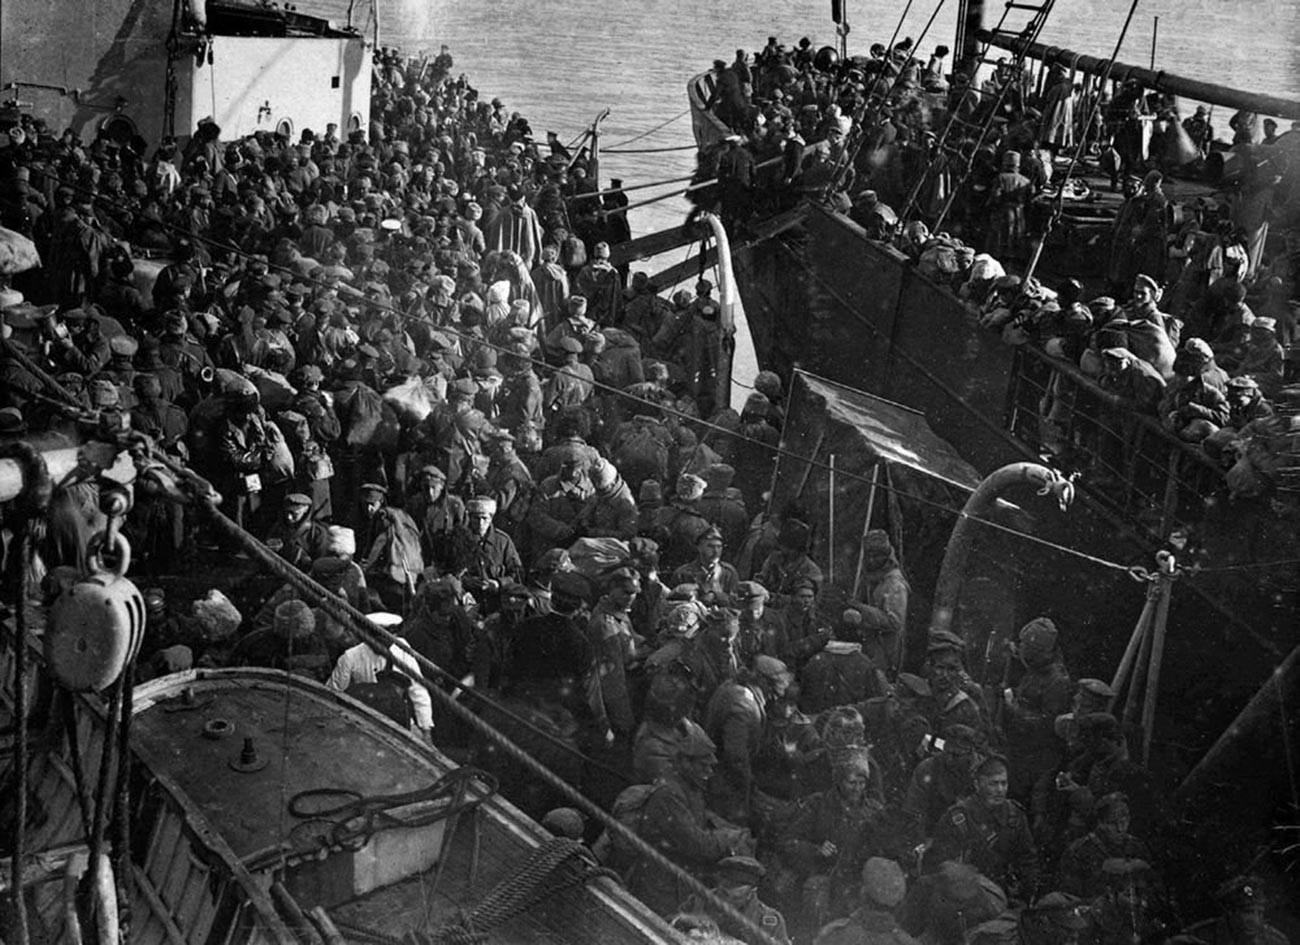 ノヴォロシイスクから脱出する白軍、1920年3月